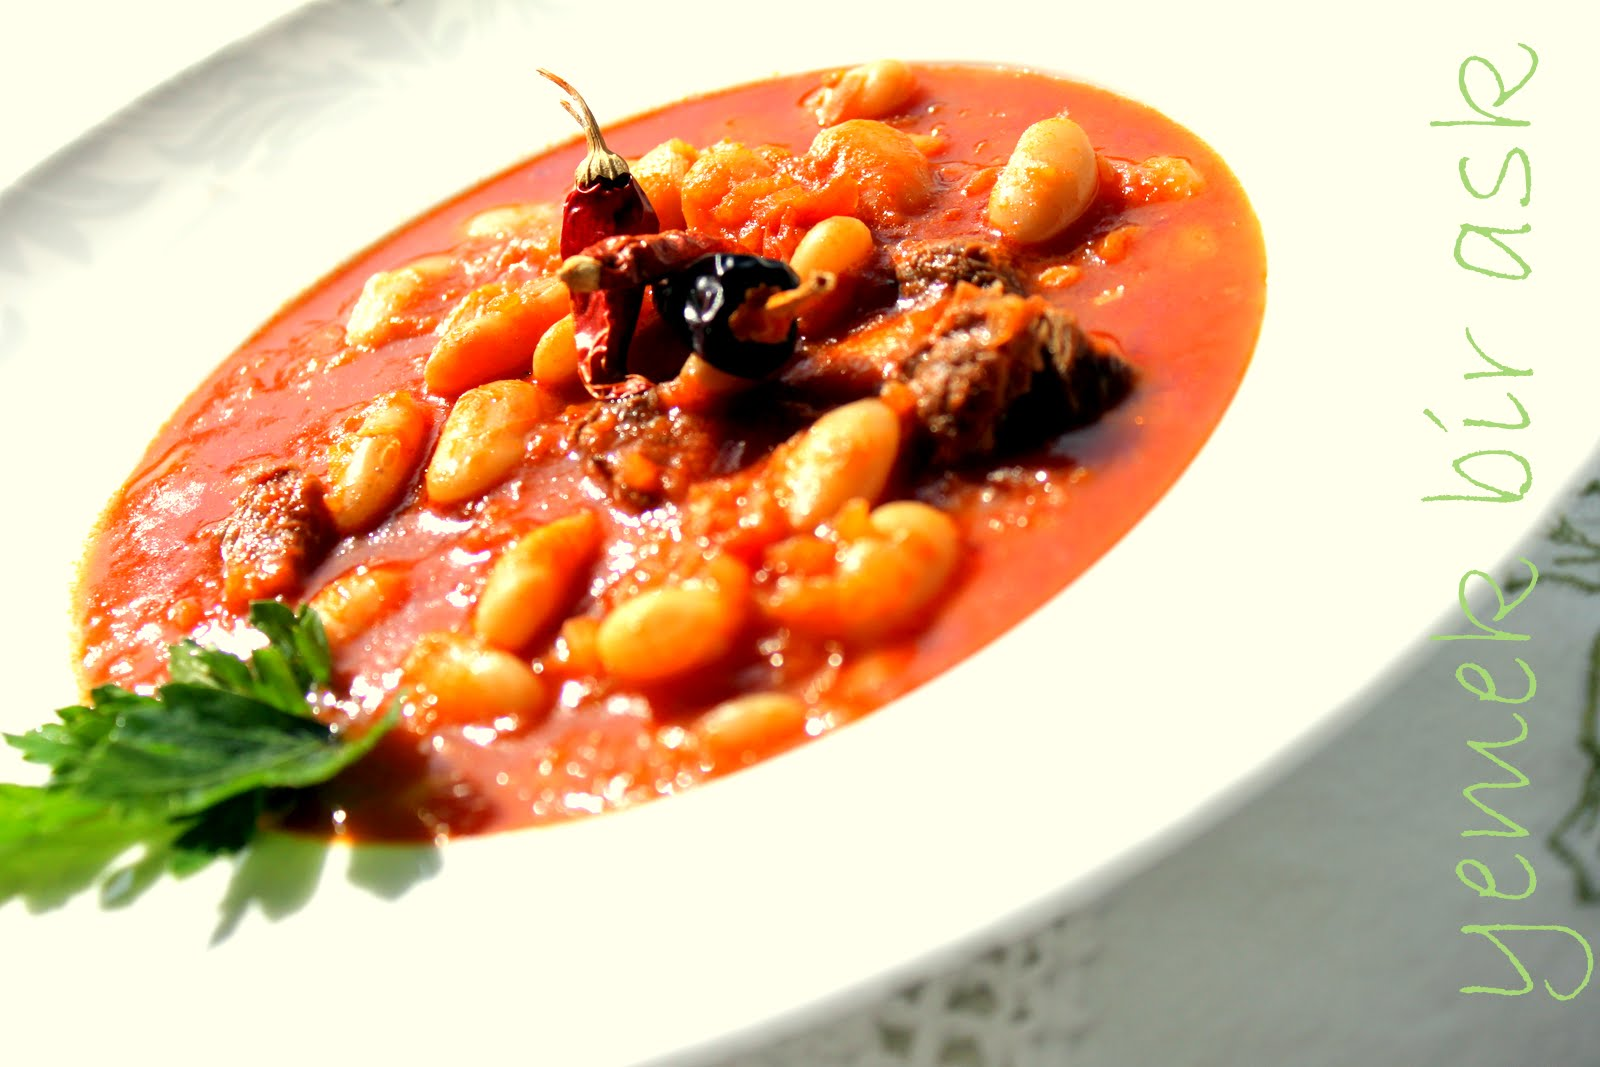 yemek bir aşk: kıymalı ıspanak, etli kuru fasulye, patatesli patlıcan  yemekleri